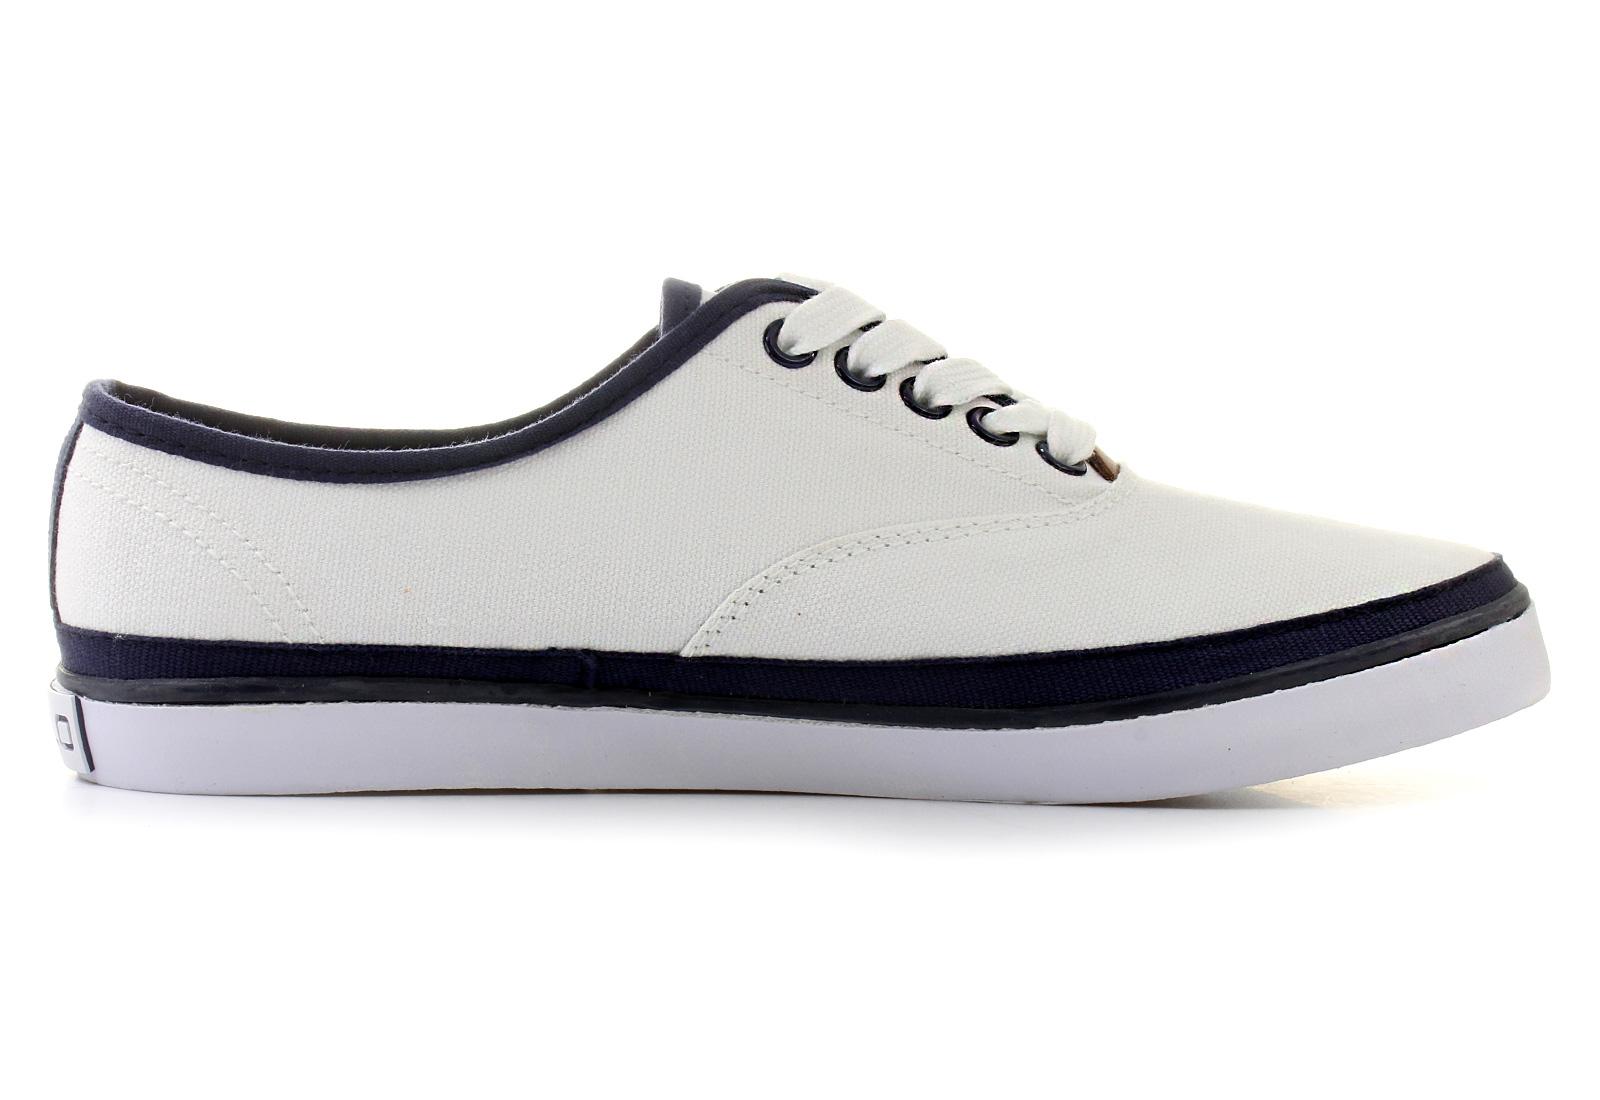 Ralph Lauren Boat Shoes Men Images 2015 S Leather